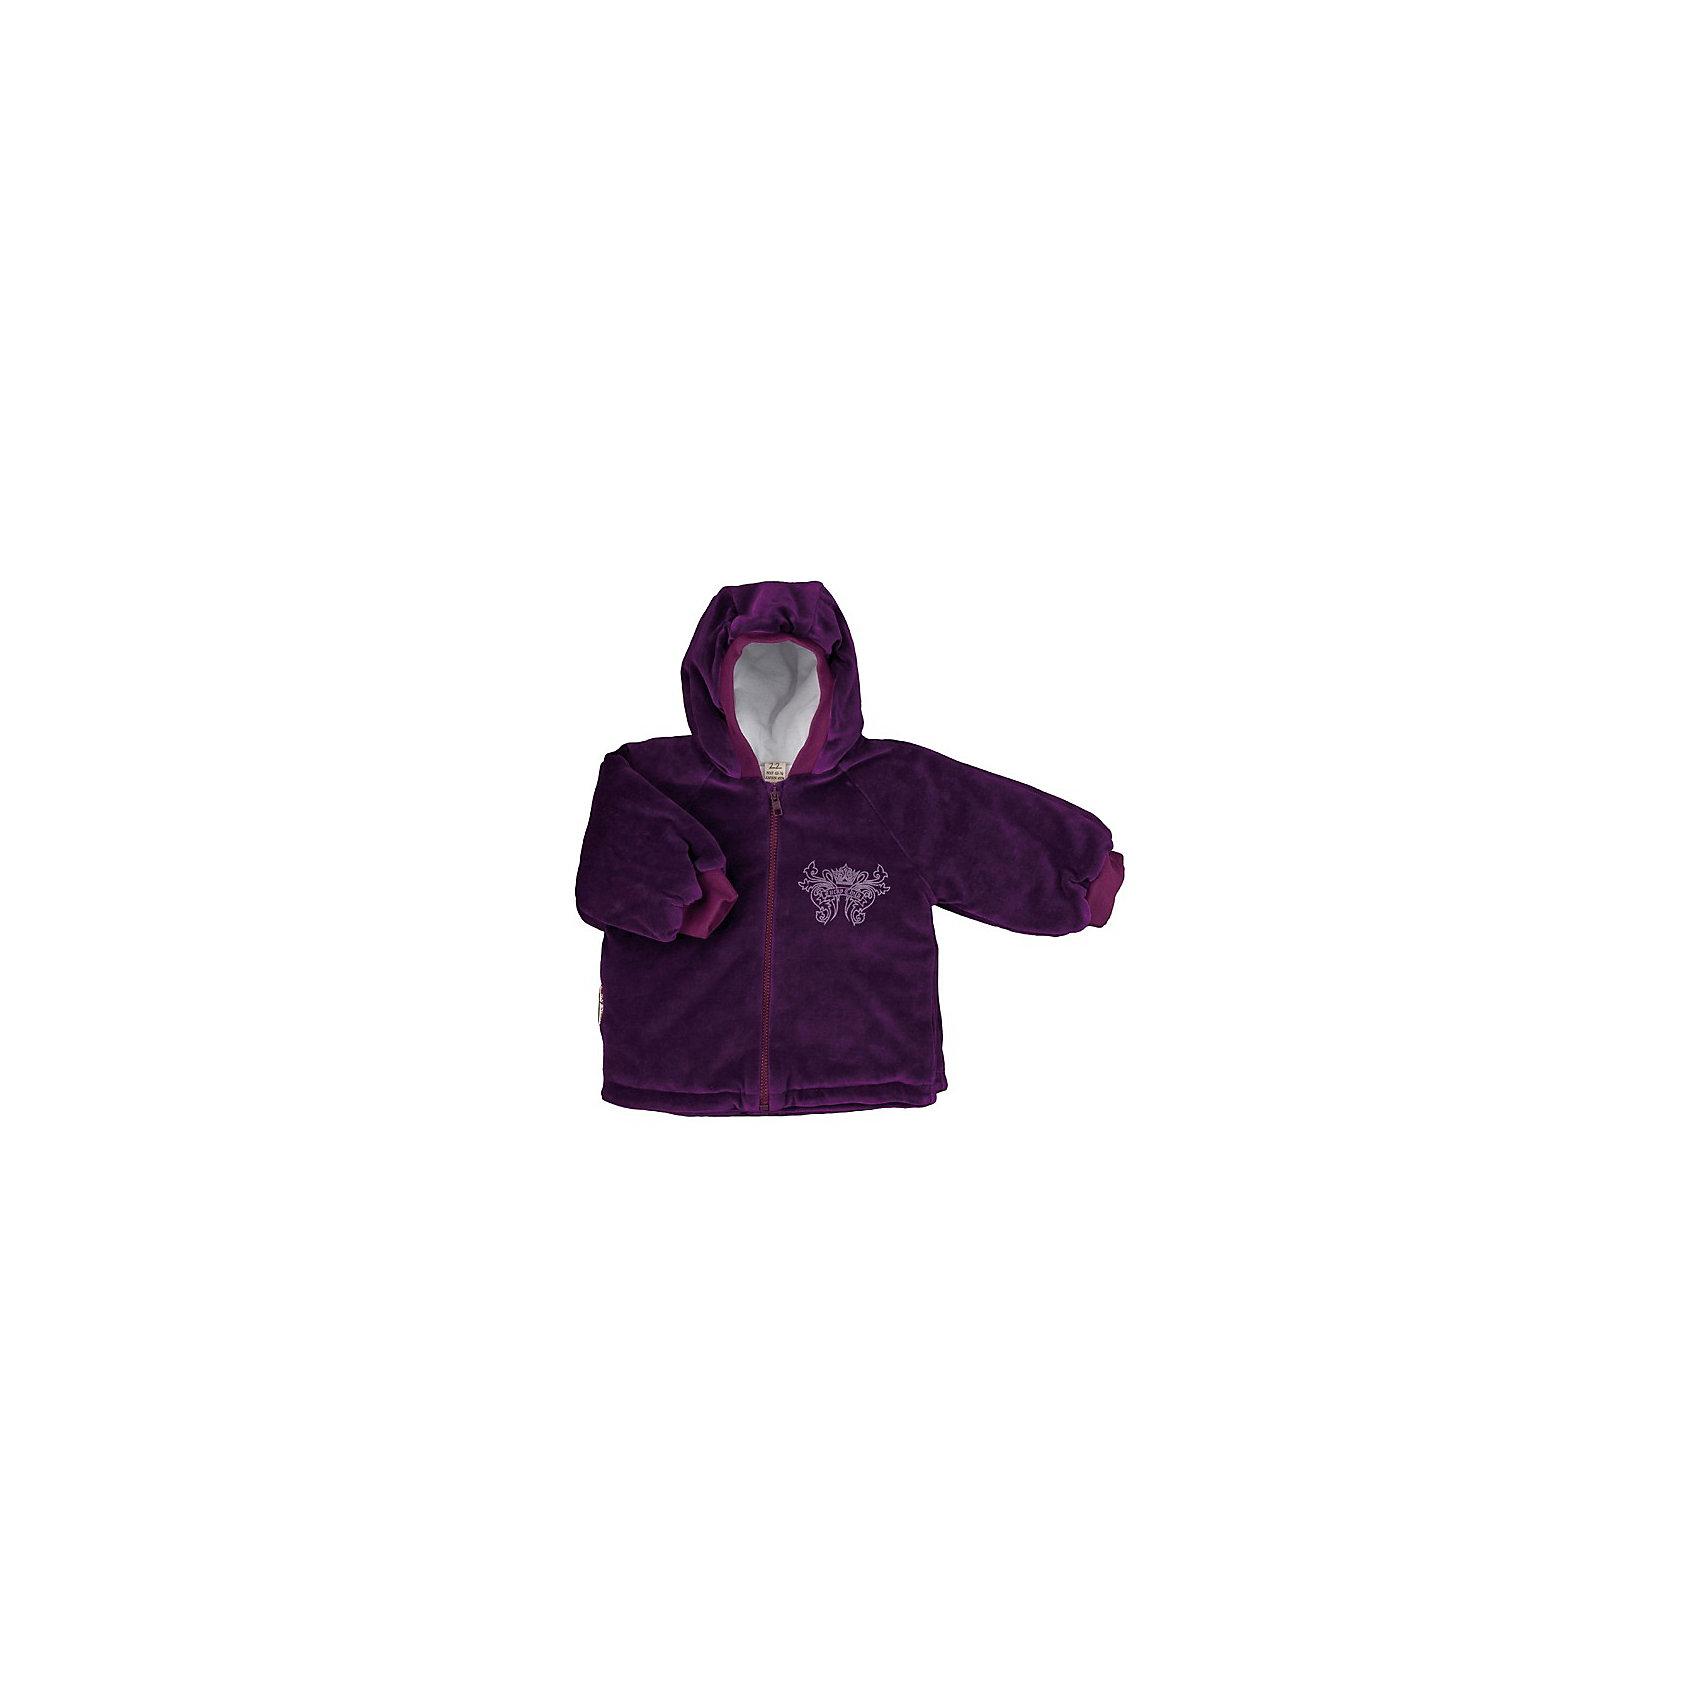 Утепленный комплект для девочки: кардиган и ползунки Lucky ChildКомплекты<br>Теплый и уютный комплект для девочки: куртка и ползунки. Предназначен для использования в сухую погоду при температуре воздуха выше + 15 градусов и обладает следующими особенностями: - модный цвет; - высокое качество исполнения от Lucky Child; - полностью натуральные гипоаллергенные материалы (100% хлопок), приятные к телу. Куртка с глубоким теплым капюшоном и с застежкой-молнией, предусматривающей защиту подбородка. Манжеты выполнены из мягкой трикотажной резинки, обеспечивающей более плотное прилегание к телу. Ползунки с кнопками на плечах и по бокам, а также с мягкими манжетами с отворотом.<br><br>Ширина мм: 157<br>Глубина мм: 13<br>Высота мм: 119<br>Вес г: 200<br>Цвет: лиловый<br>Возраст от месяцев: 3<br>Возраст до месяцев: 6<br>Пол: Женский<br>Возраст: Детский<br>Размер: 62/68,80/86,74/80,68/74<br>SKU: 3340794